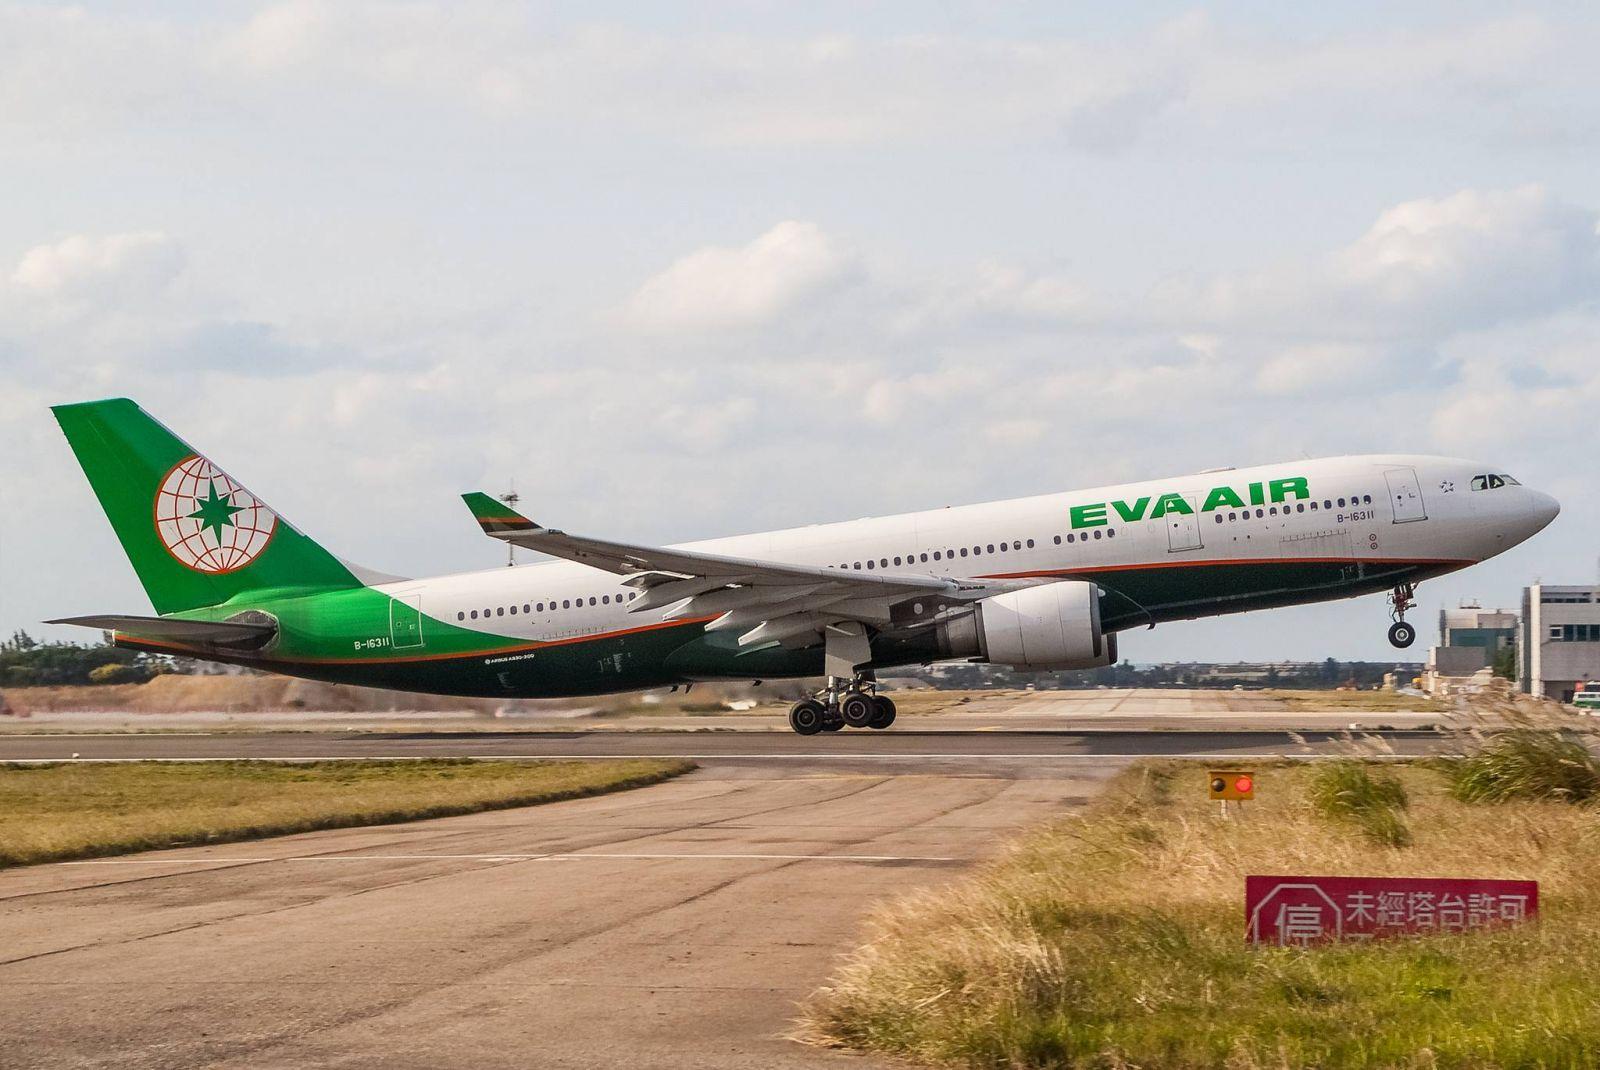 Lên kế hoạch cho kỳ nghỉ Quốc tế Lao động, đặt vé máy bay đi Mỹ từ EVA Air giảm 15%